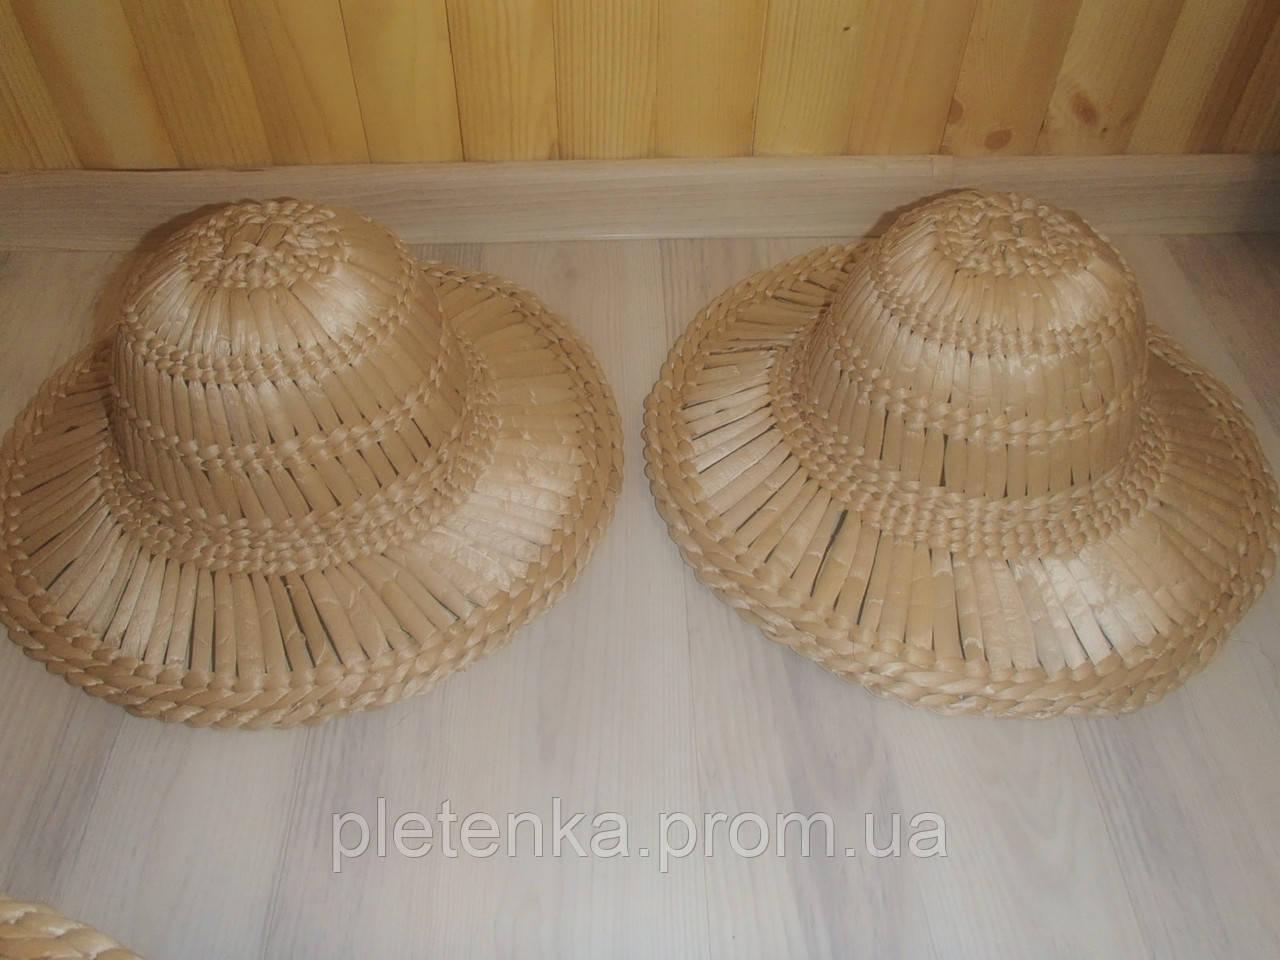 89436b4dadf2 Шляпа соломенная плетенная. Брыль -купить по лучшей цене в Украине ...